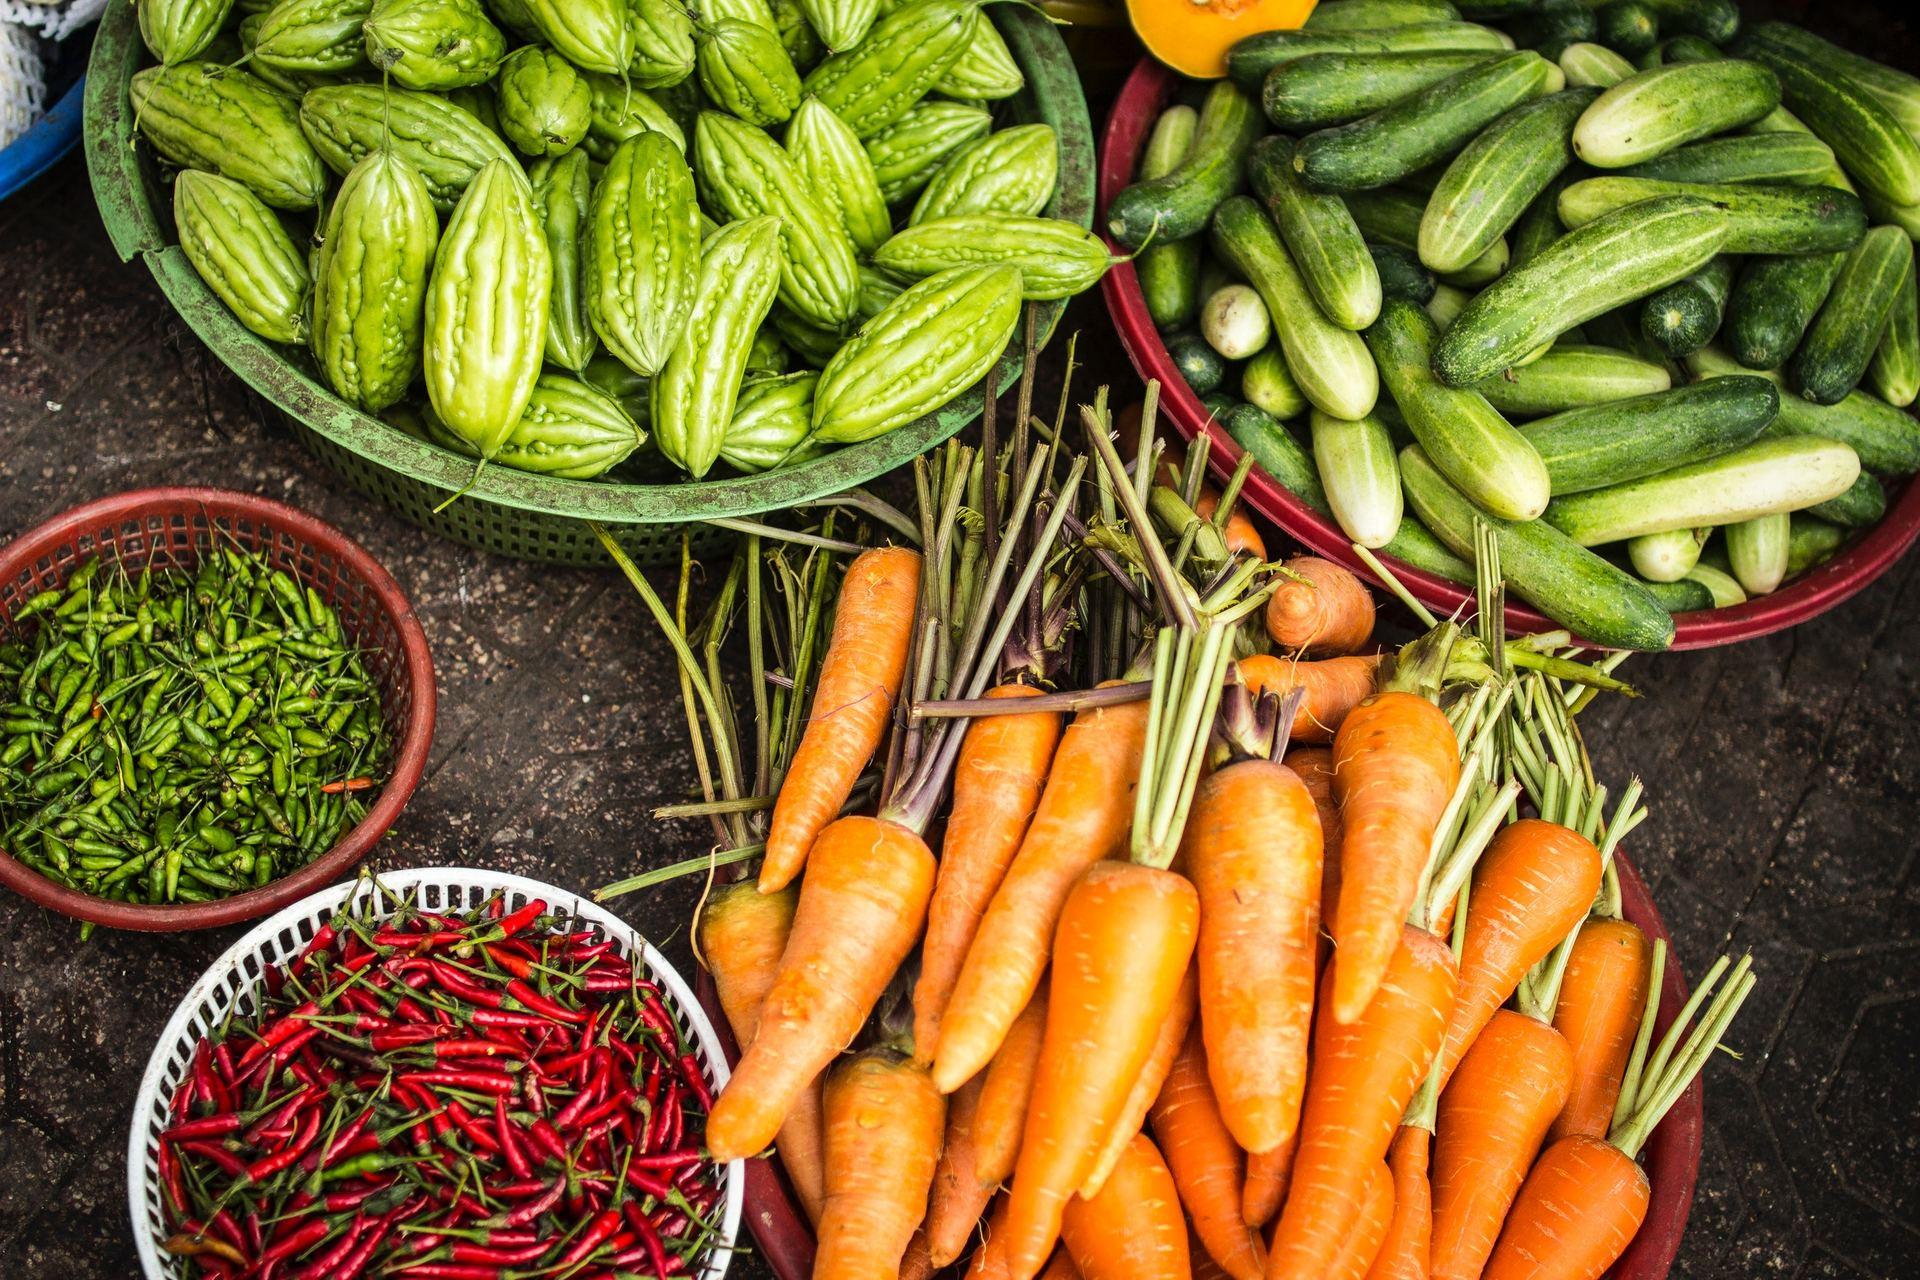 Sådan kan du komme til at spise mere grønt